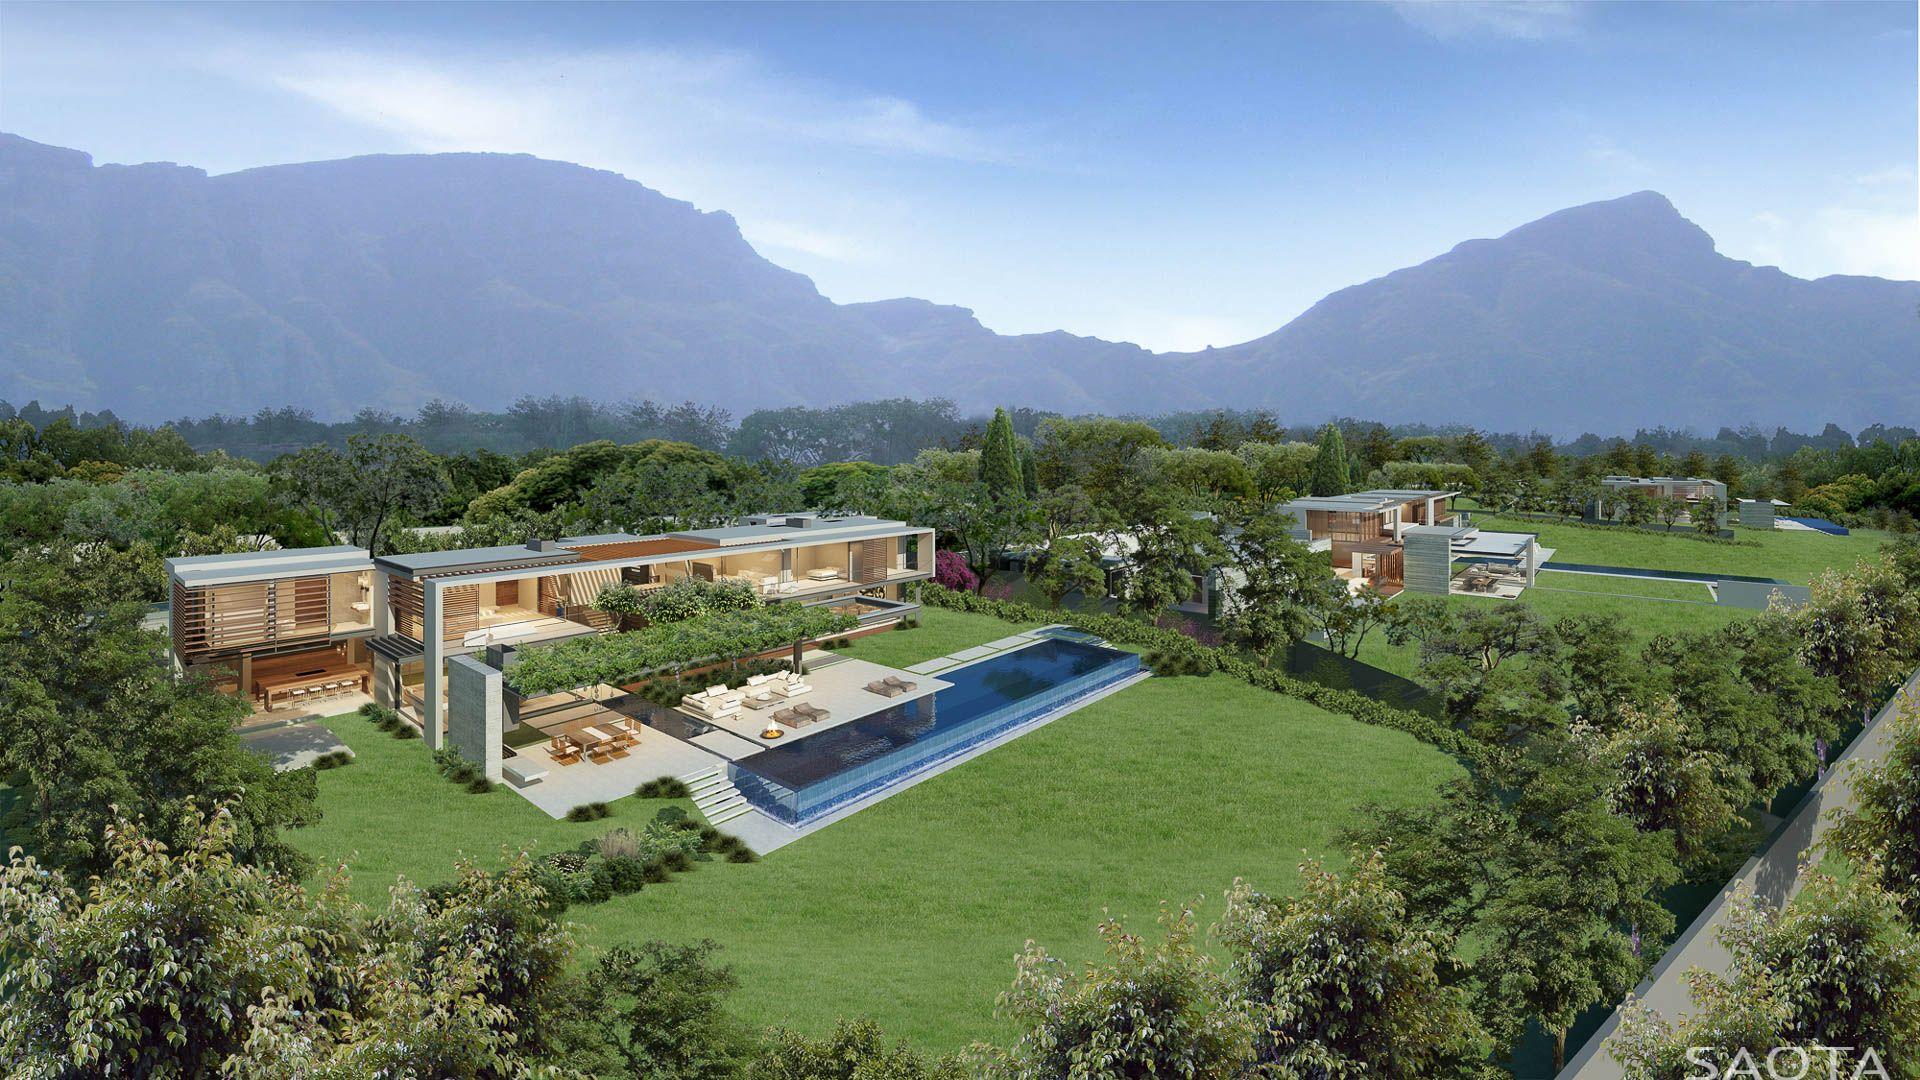 ZA UPPER PRIMROSE - SAOTA Architecture and Design